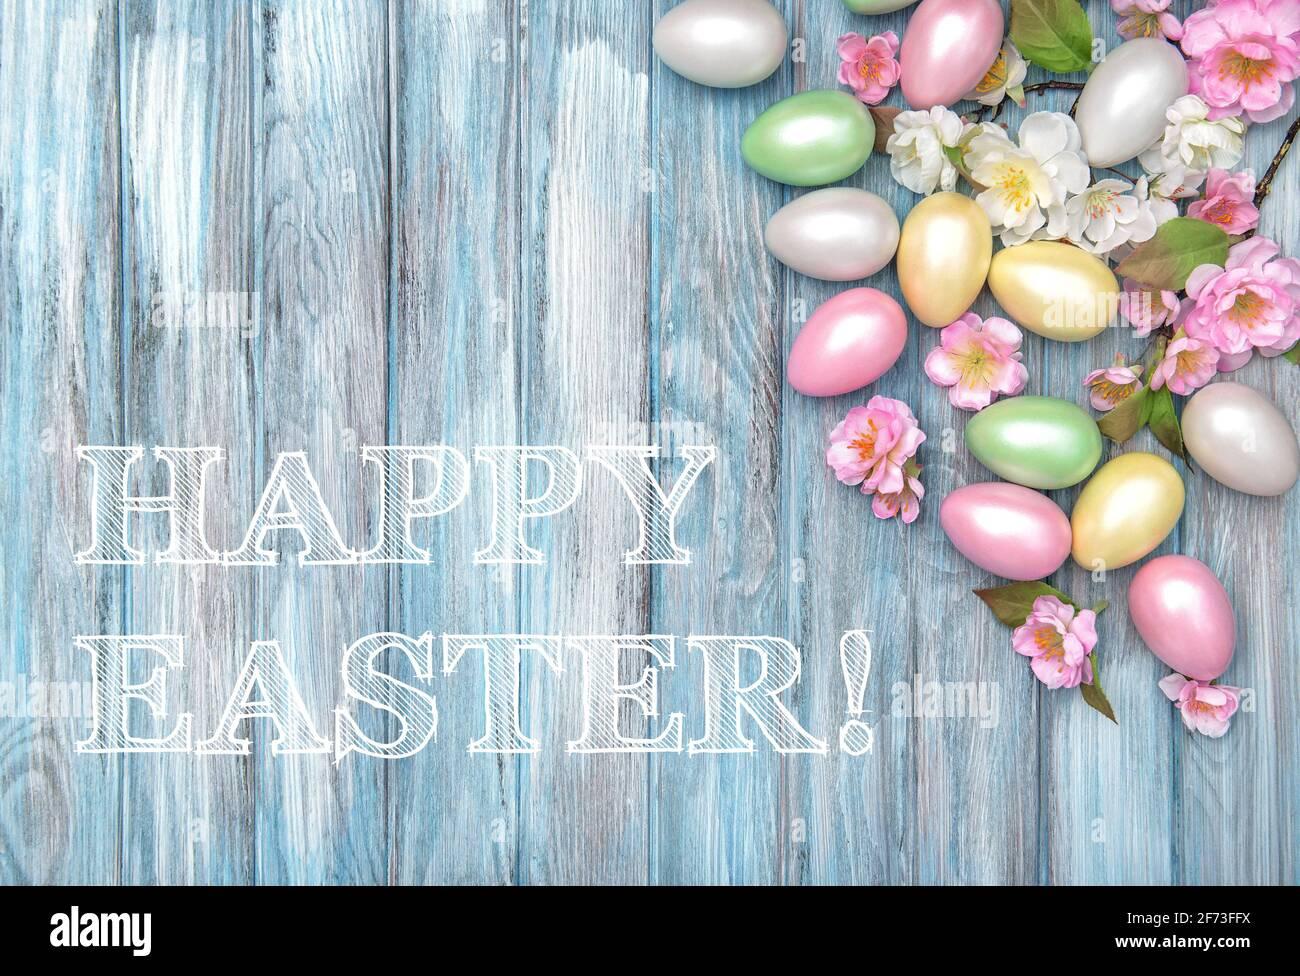 Joyeuses Pâques ! Œufs de Pâques et fleurs de printemps sur fond bleu en bois Banque D'Images